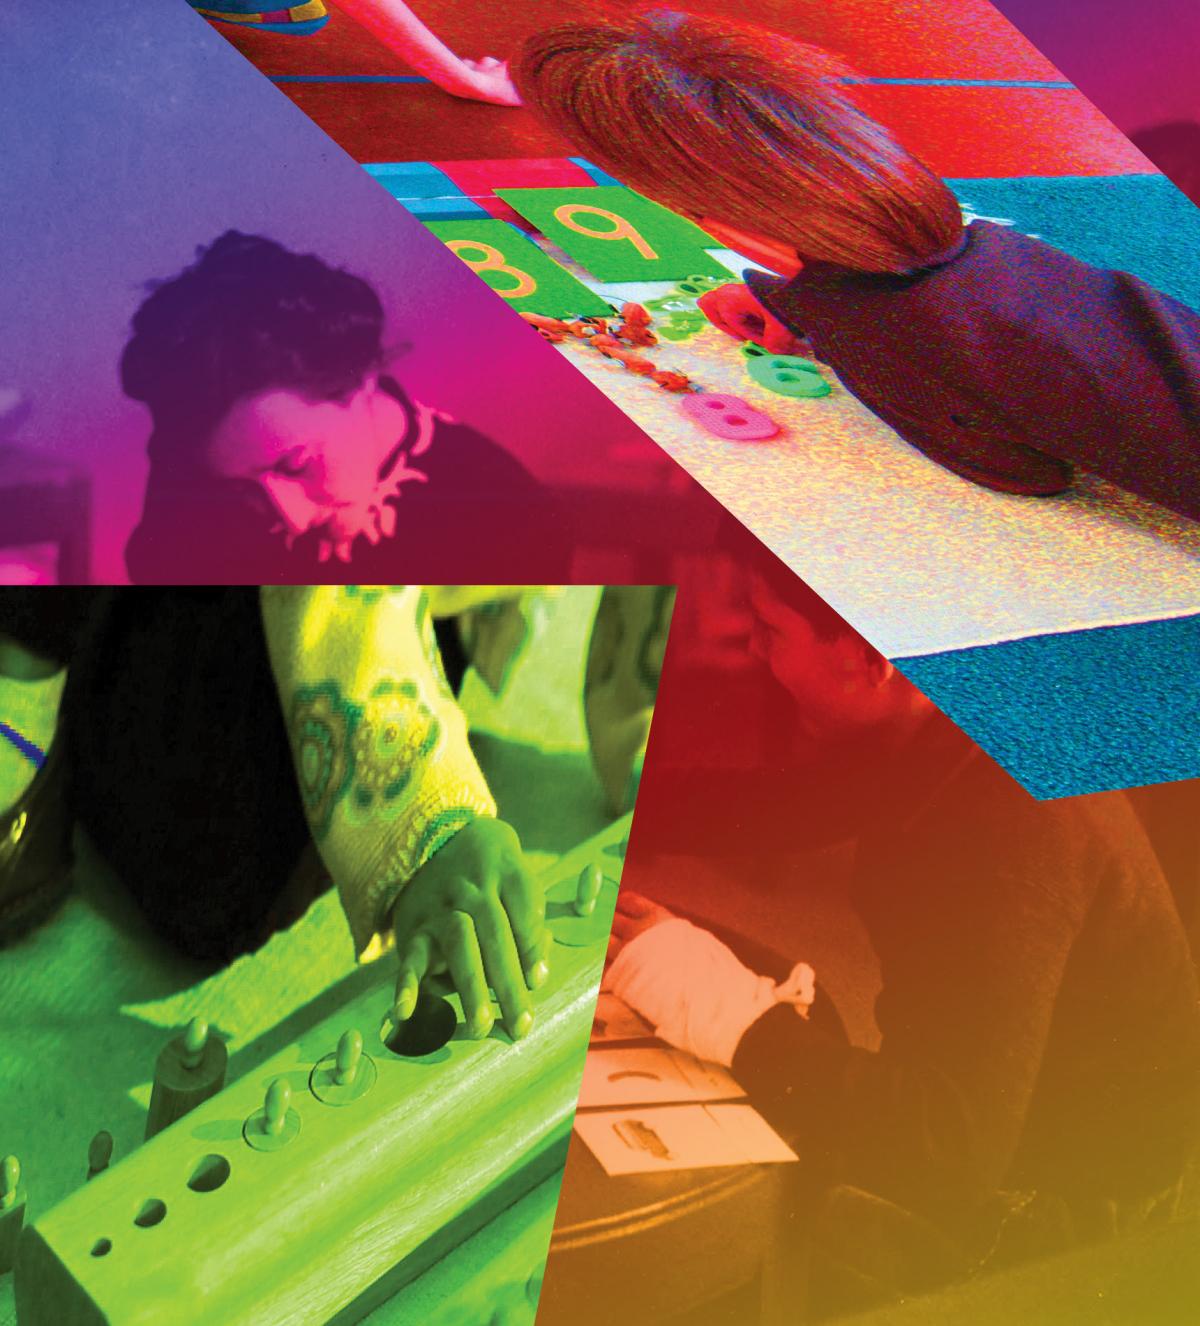 Mark Joshua Epstein and Stina Puotinen, couresty of the artist